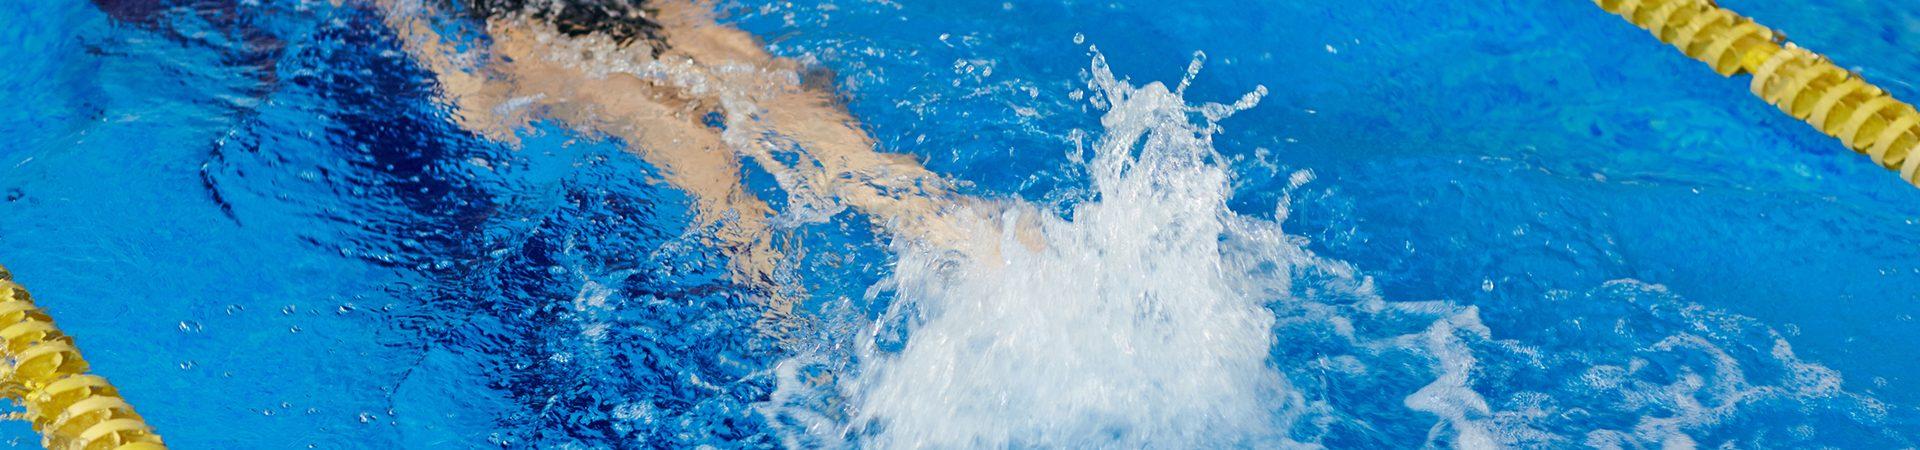 Zwemschool de Vin - zwemlessen